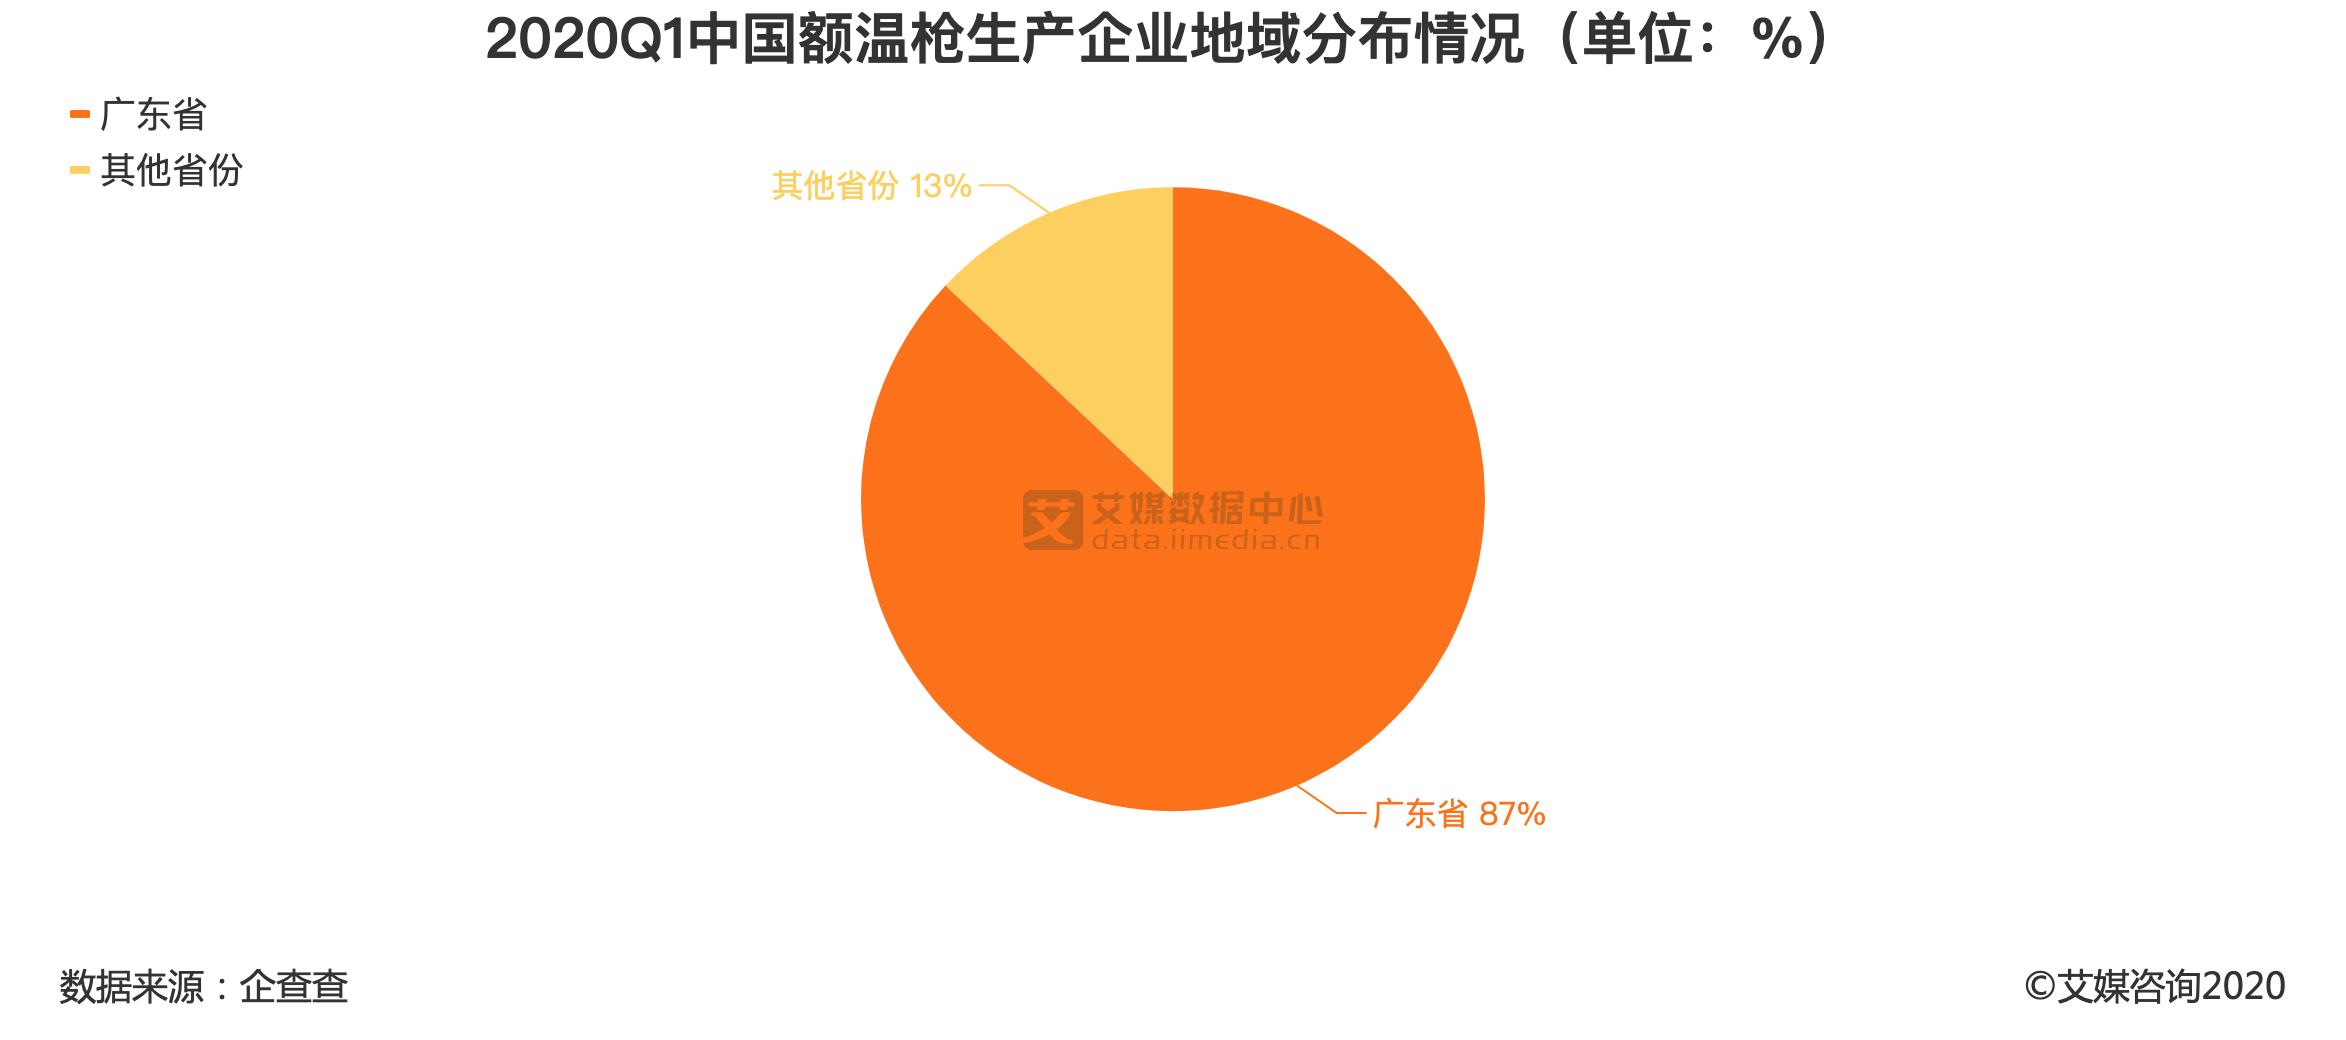 2020Q1中国额温枪生产企业地域分布情况(单位:%)